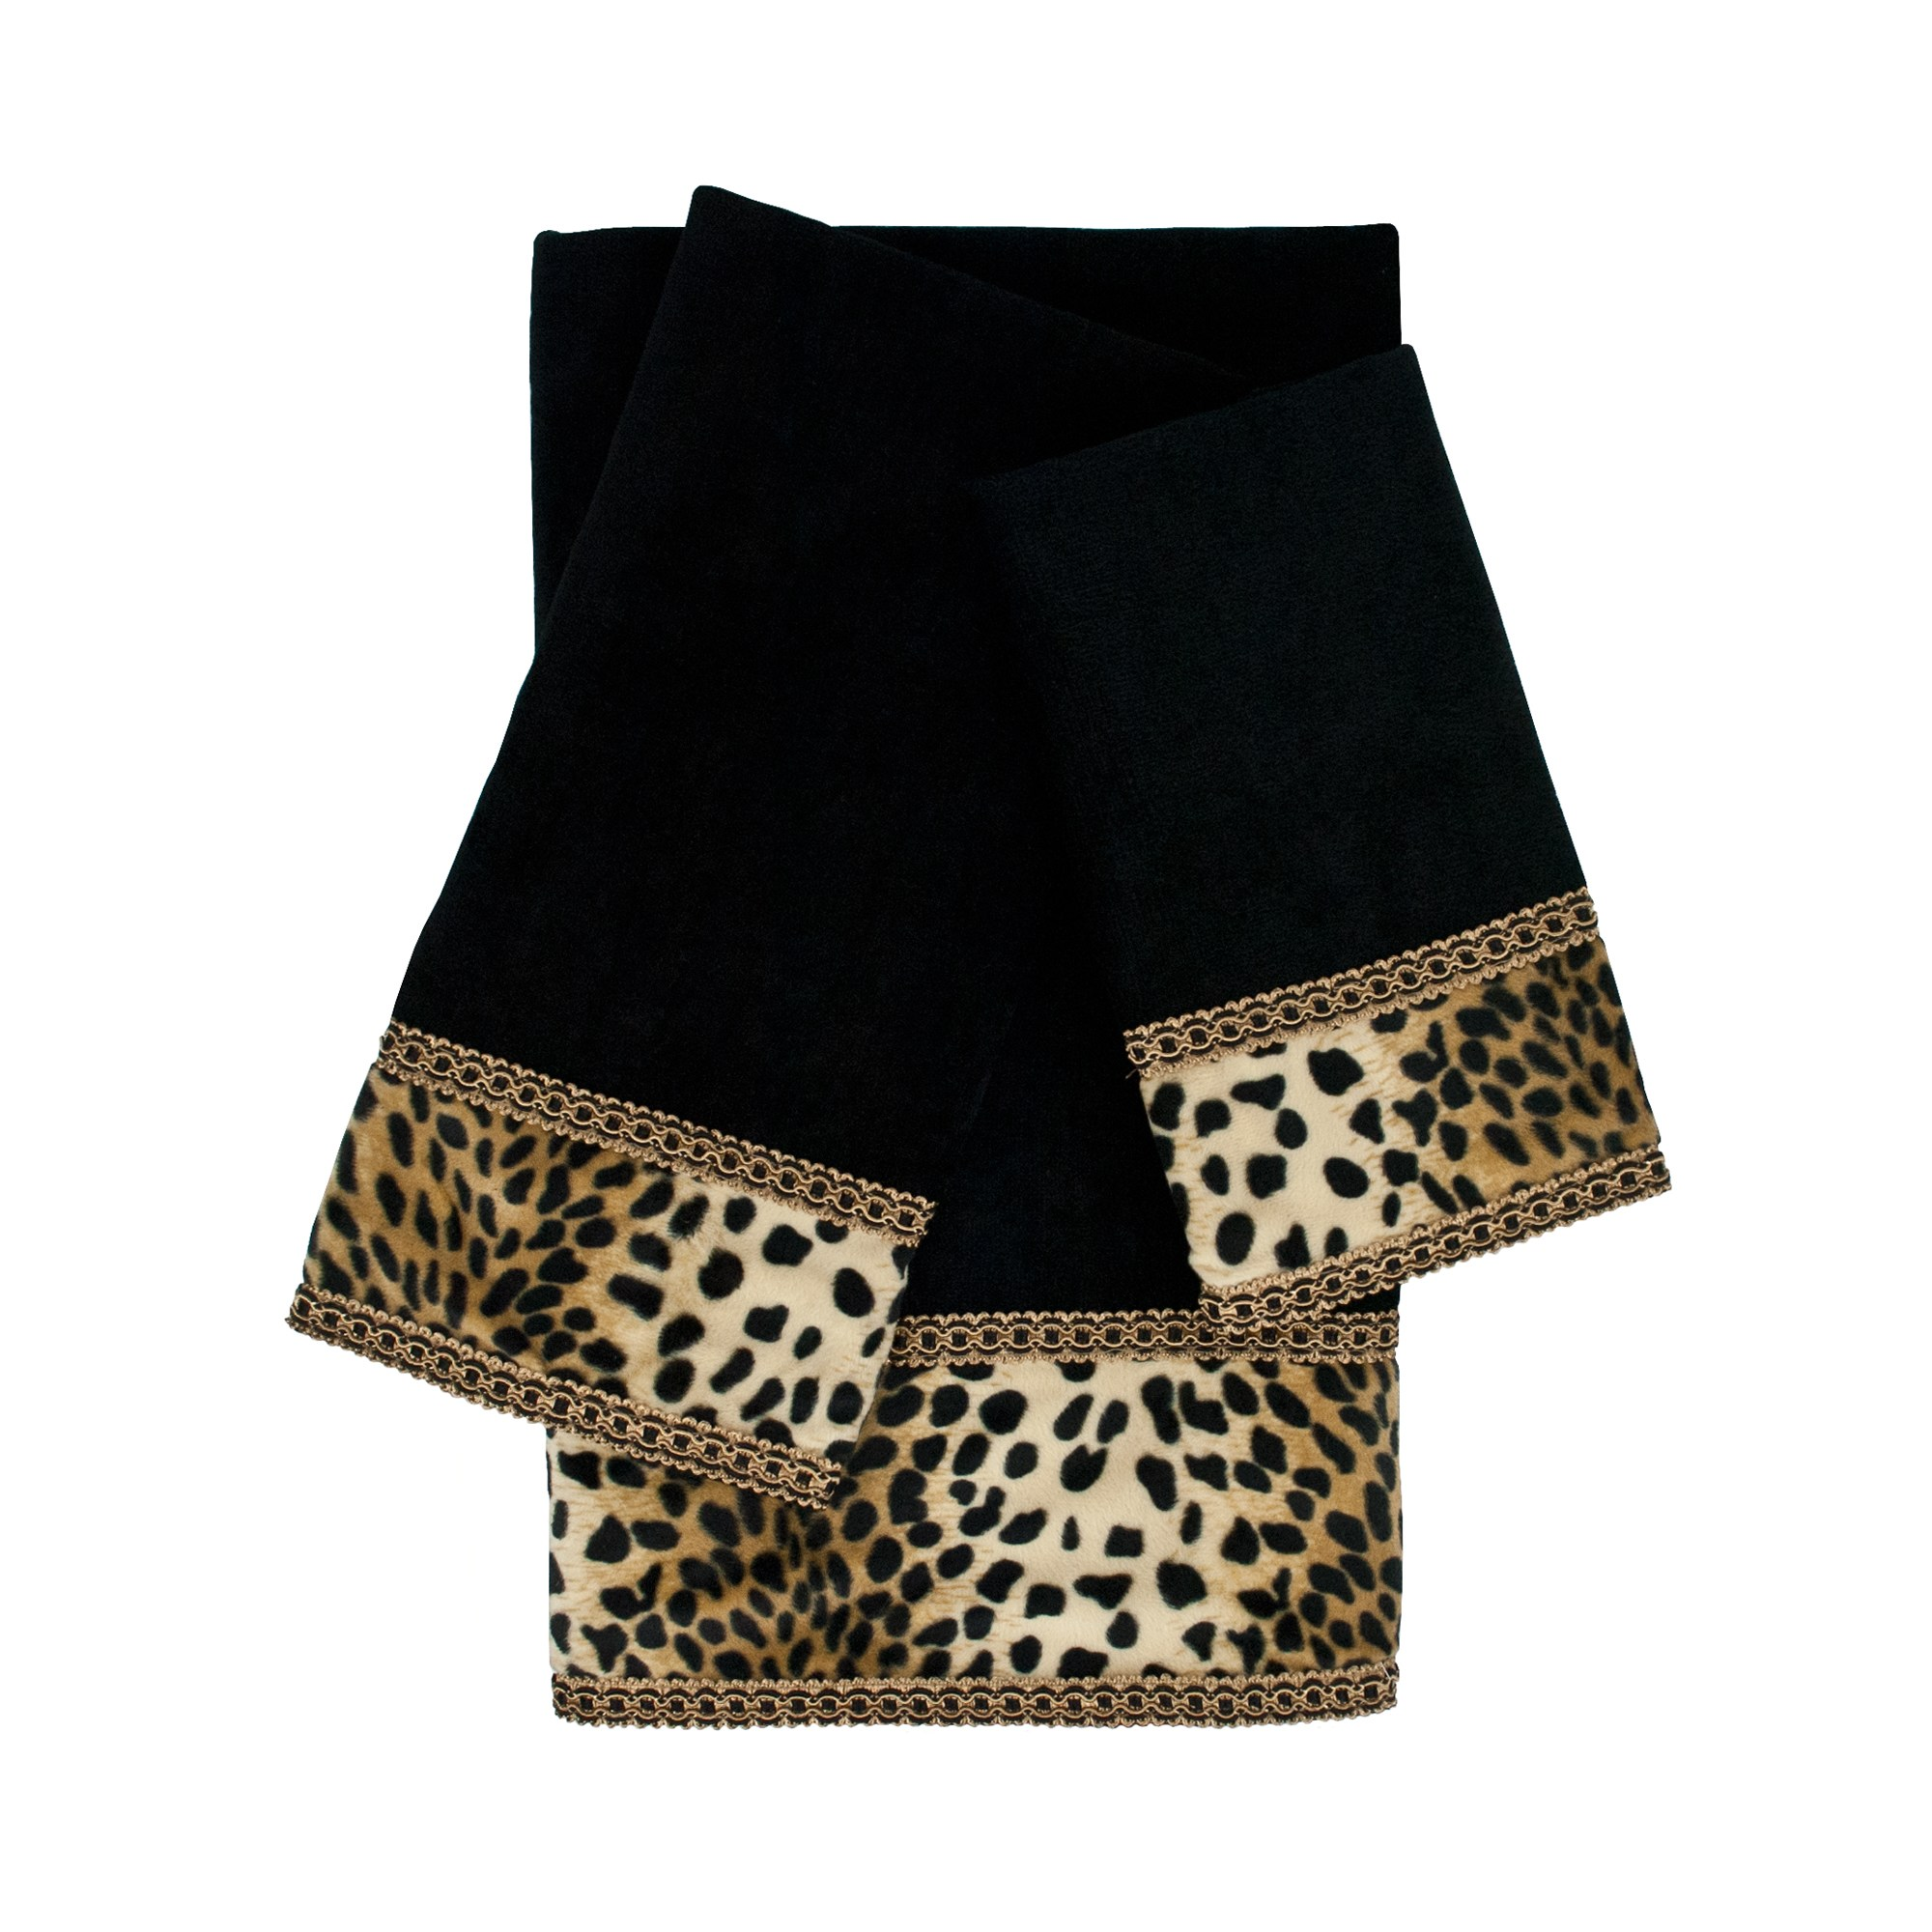 Black Sherry Kline 3 Piece Leops Black Embellished Towel Set